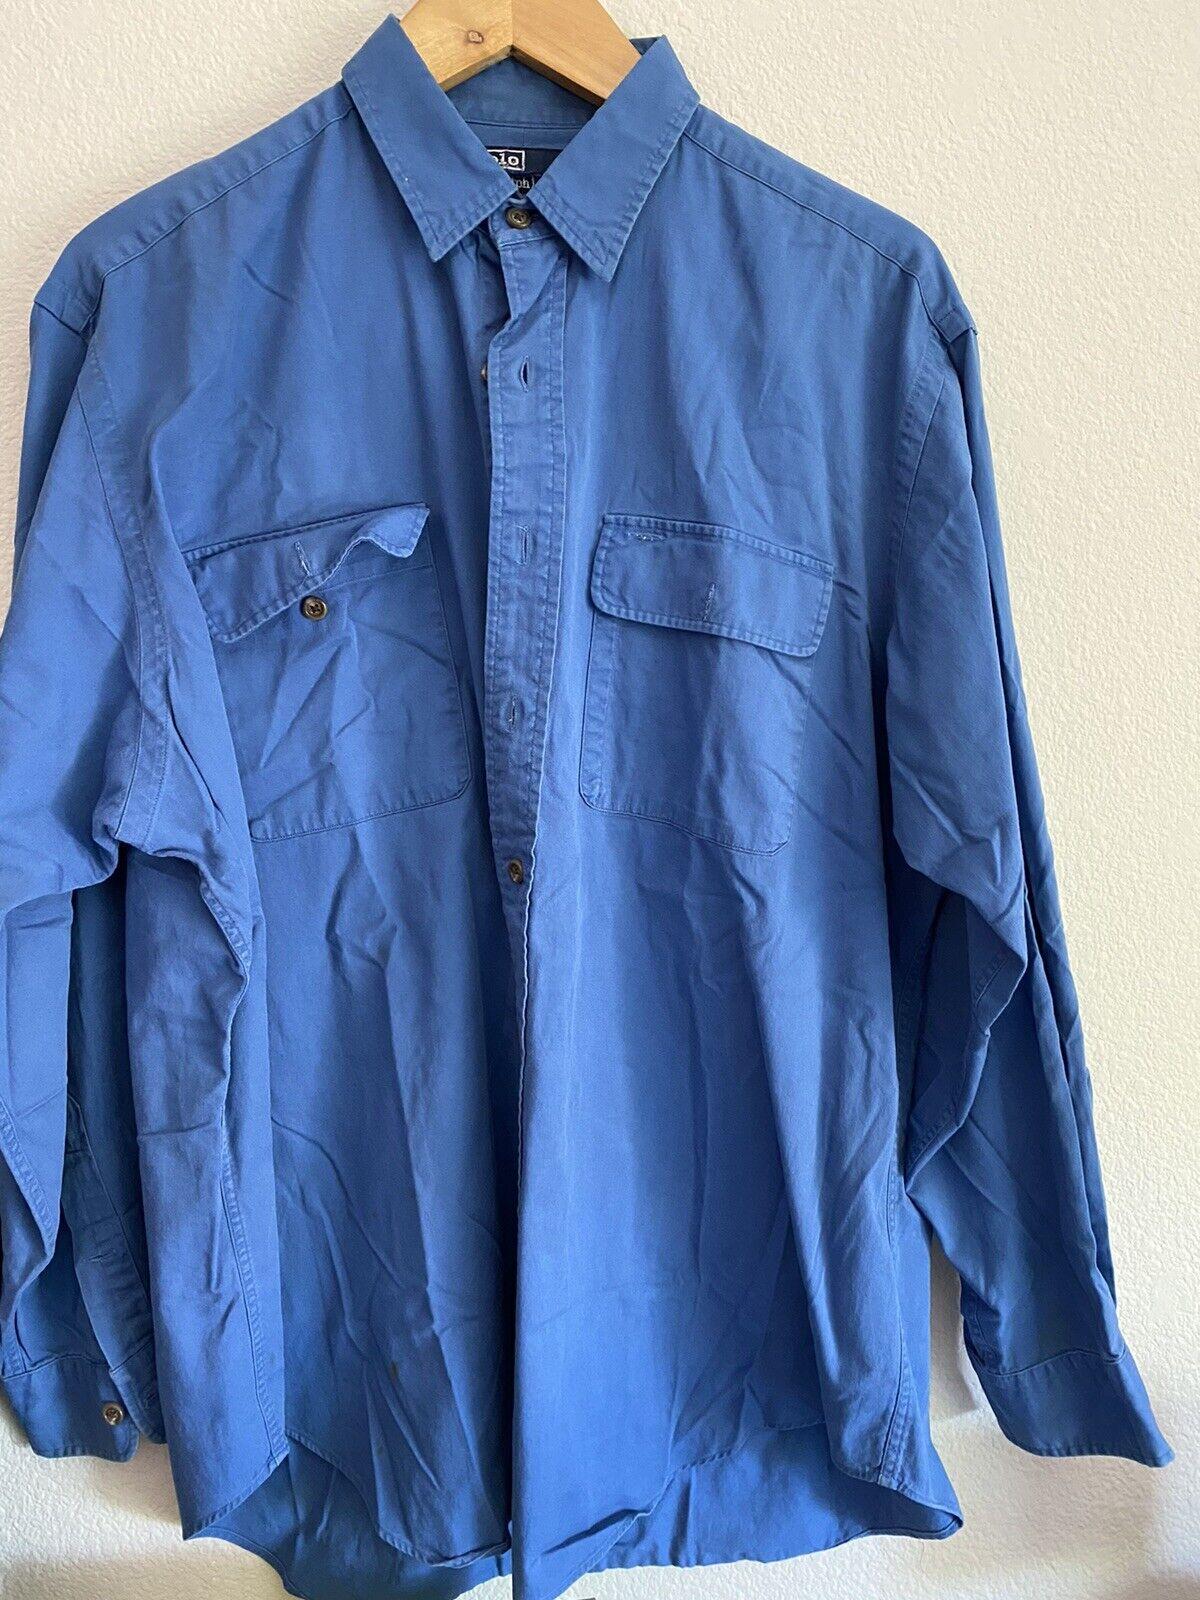 Vintage Polo ralph lauren button down shirt Snow … - image 2